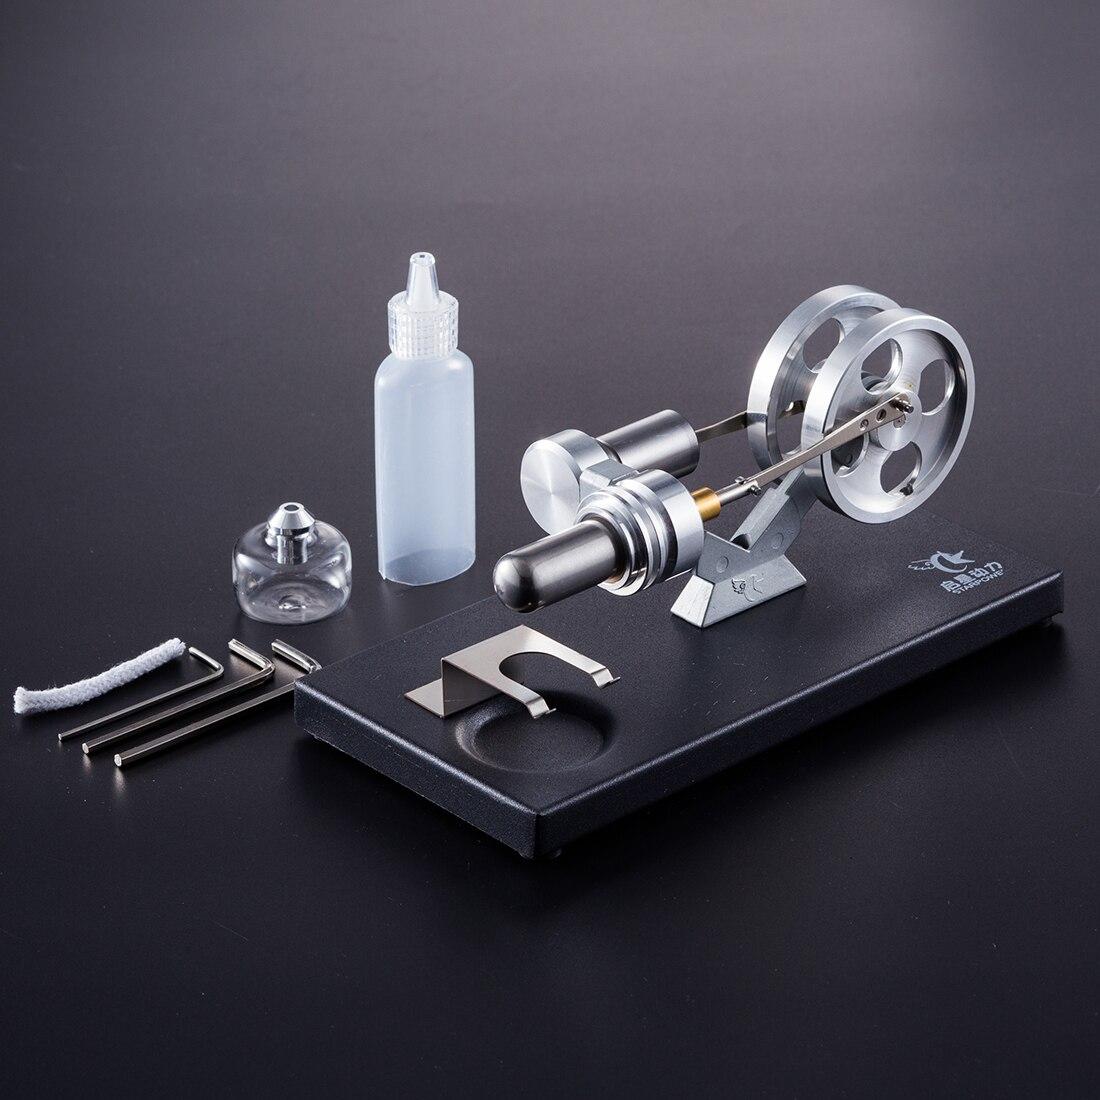 1 pcs DIY Métal Cylindre Chaude Gaz Turbine Moteur Stirling Modèle Kit Avec Noir Socle En Métal Tige À Vapeur Modèle Ensemble - 2